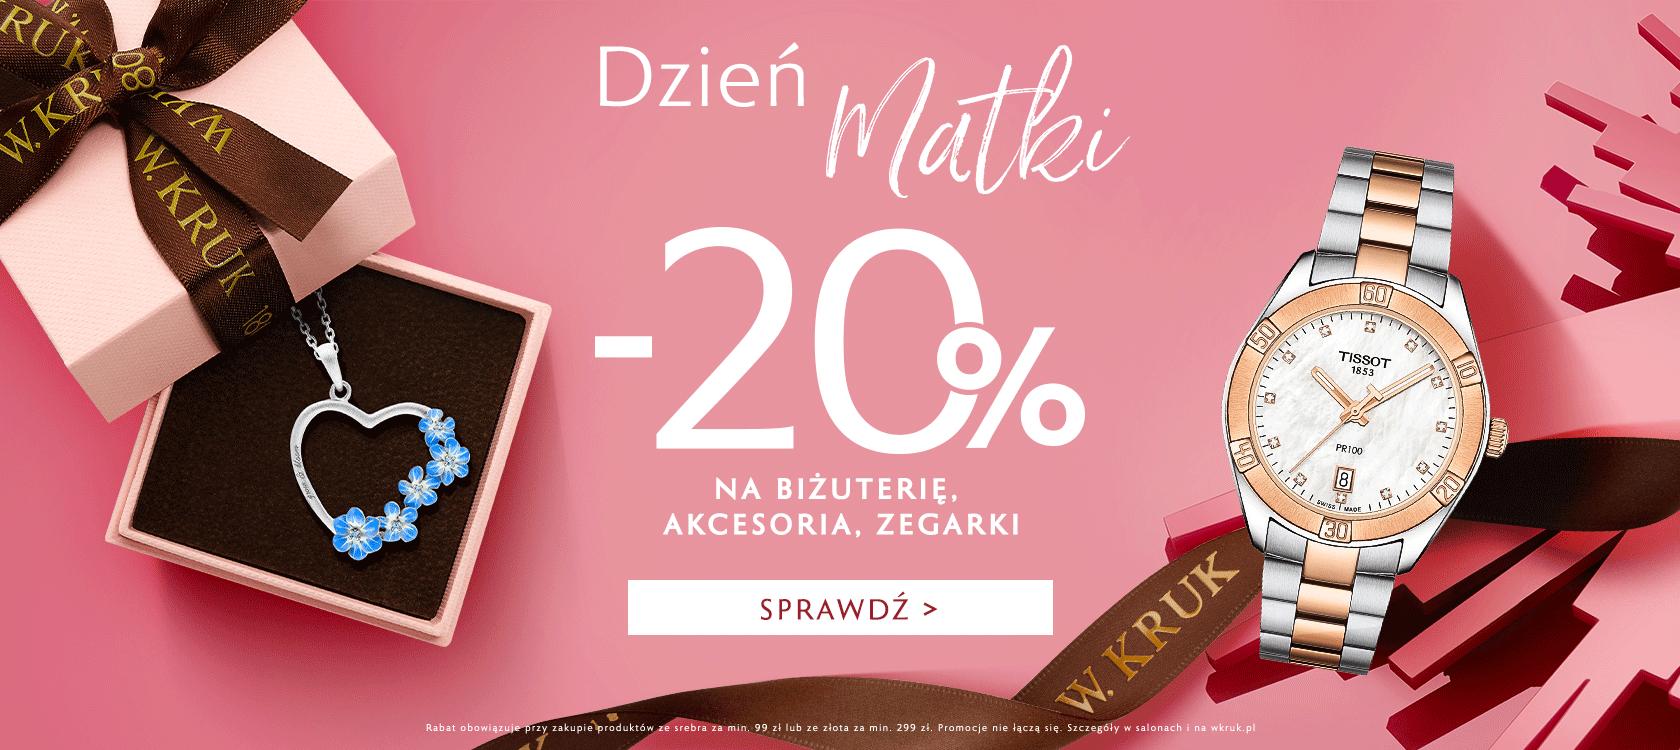 W.Kruk: 20% rabatu na biżuterię, akcesoria i zegarki na Dzień Matki